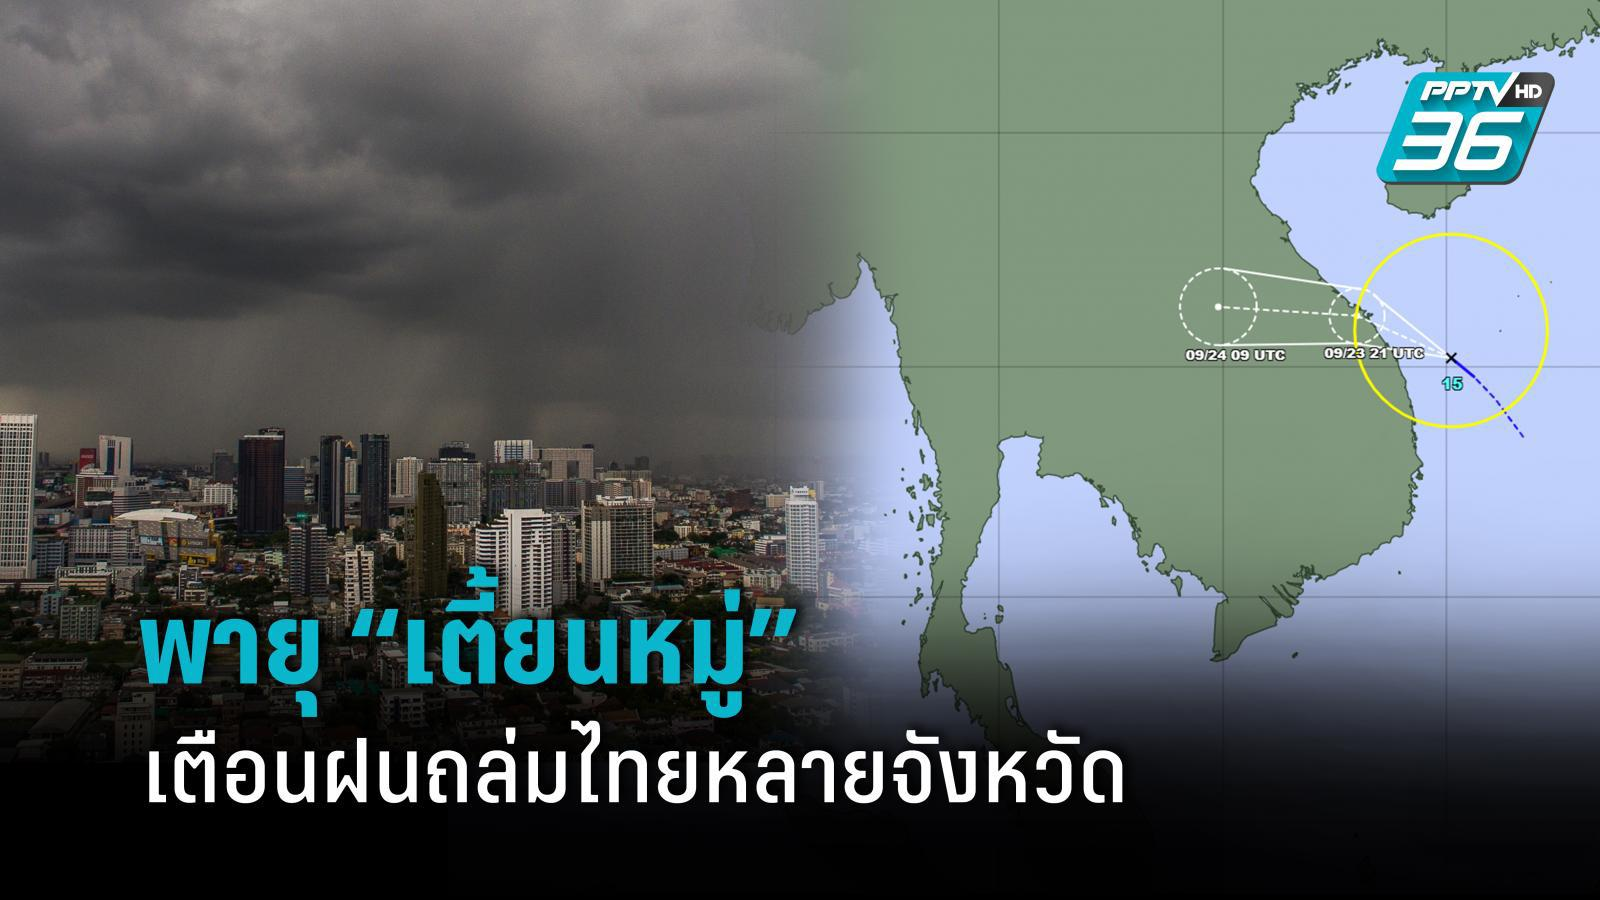 """กรมอุตุฯ เตือน พายุ """"เตี้ยนหมู่"""" ทำฝนถล่มไทย 61 จว. กรุงเทพฯไม่รอด"""